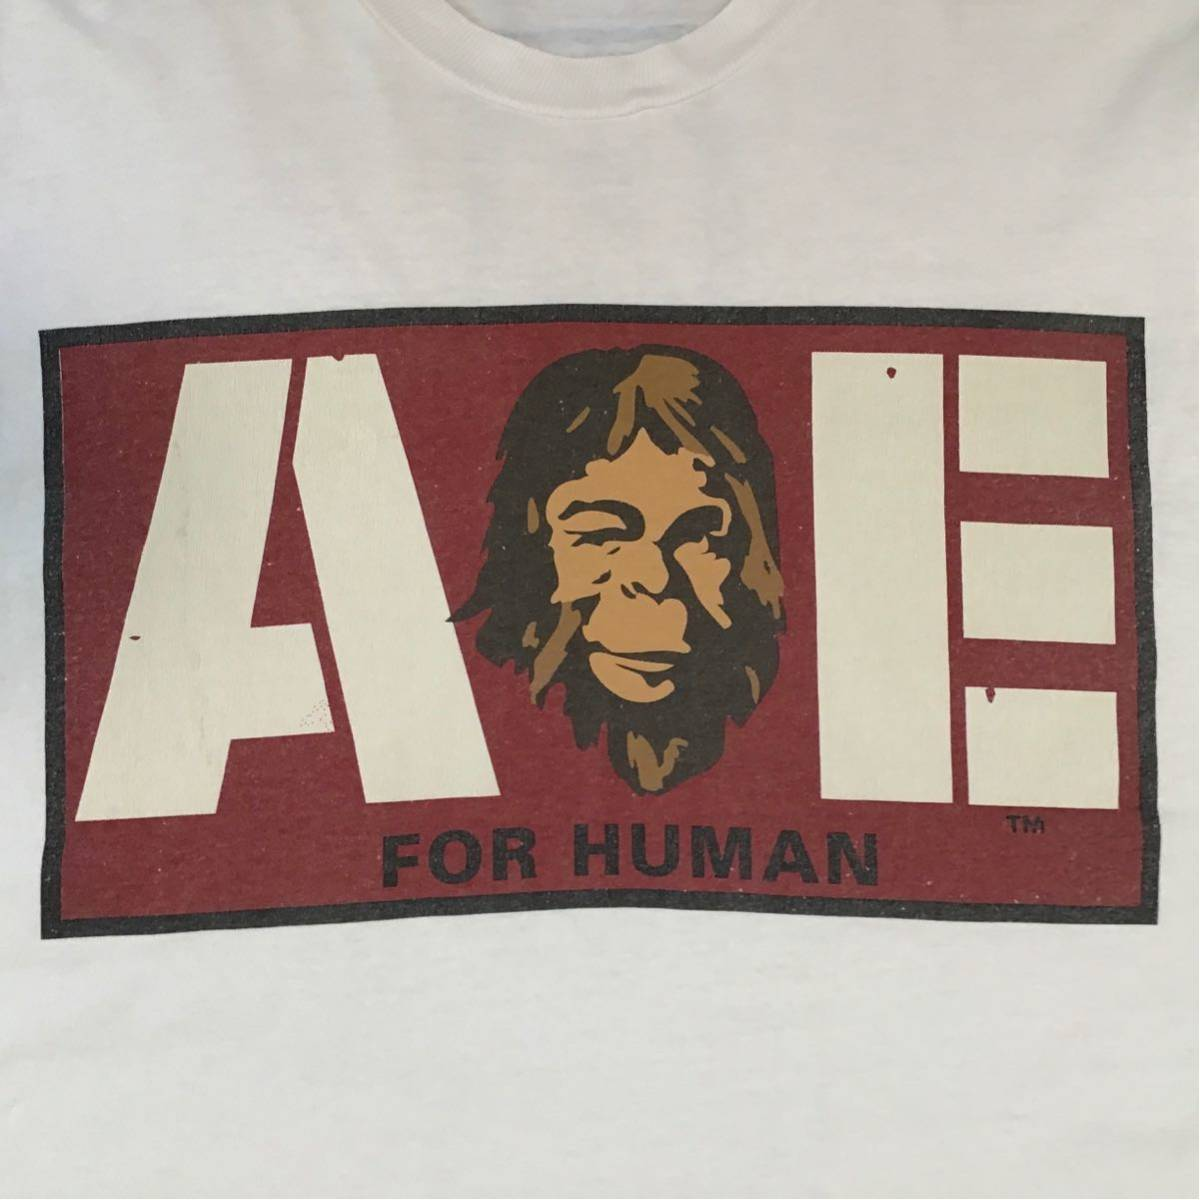 ★激レア★ 初期 oneita ボディ Tシャツ ジュニア Lサイズ a bathing ape bape logo ビンテージ エイプ ベイプ アベイシングエイプ NIGO a3